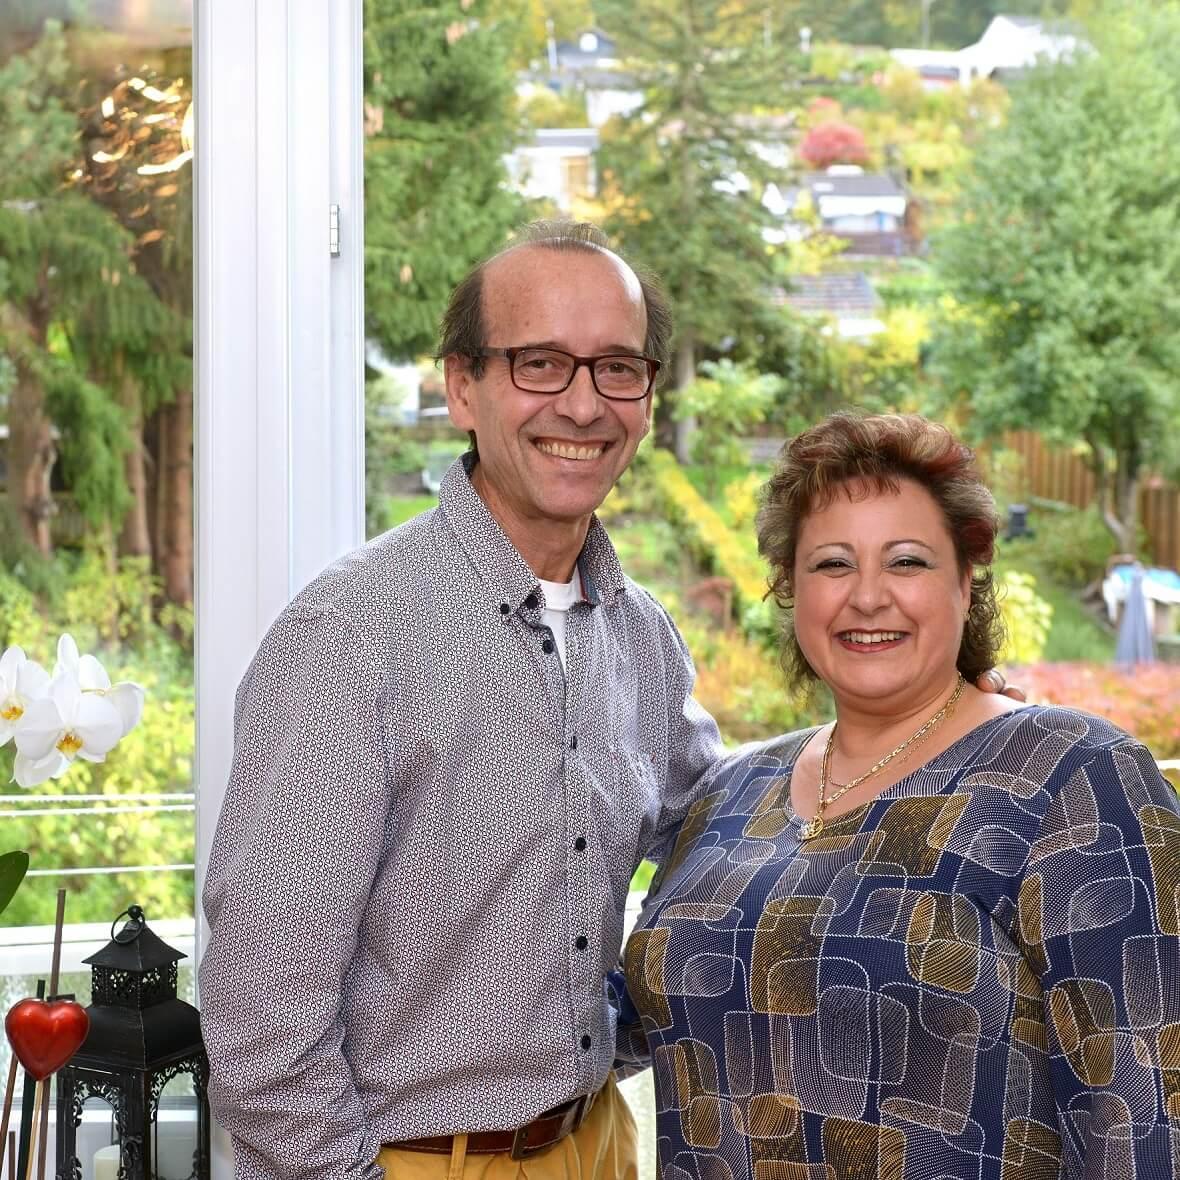 Familie Caruso hat in einem Mietshaus viel Potenzial für sich entdeckt.